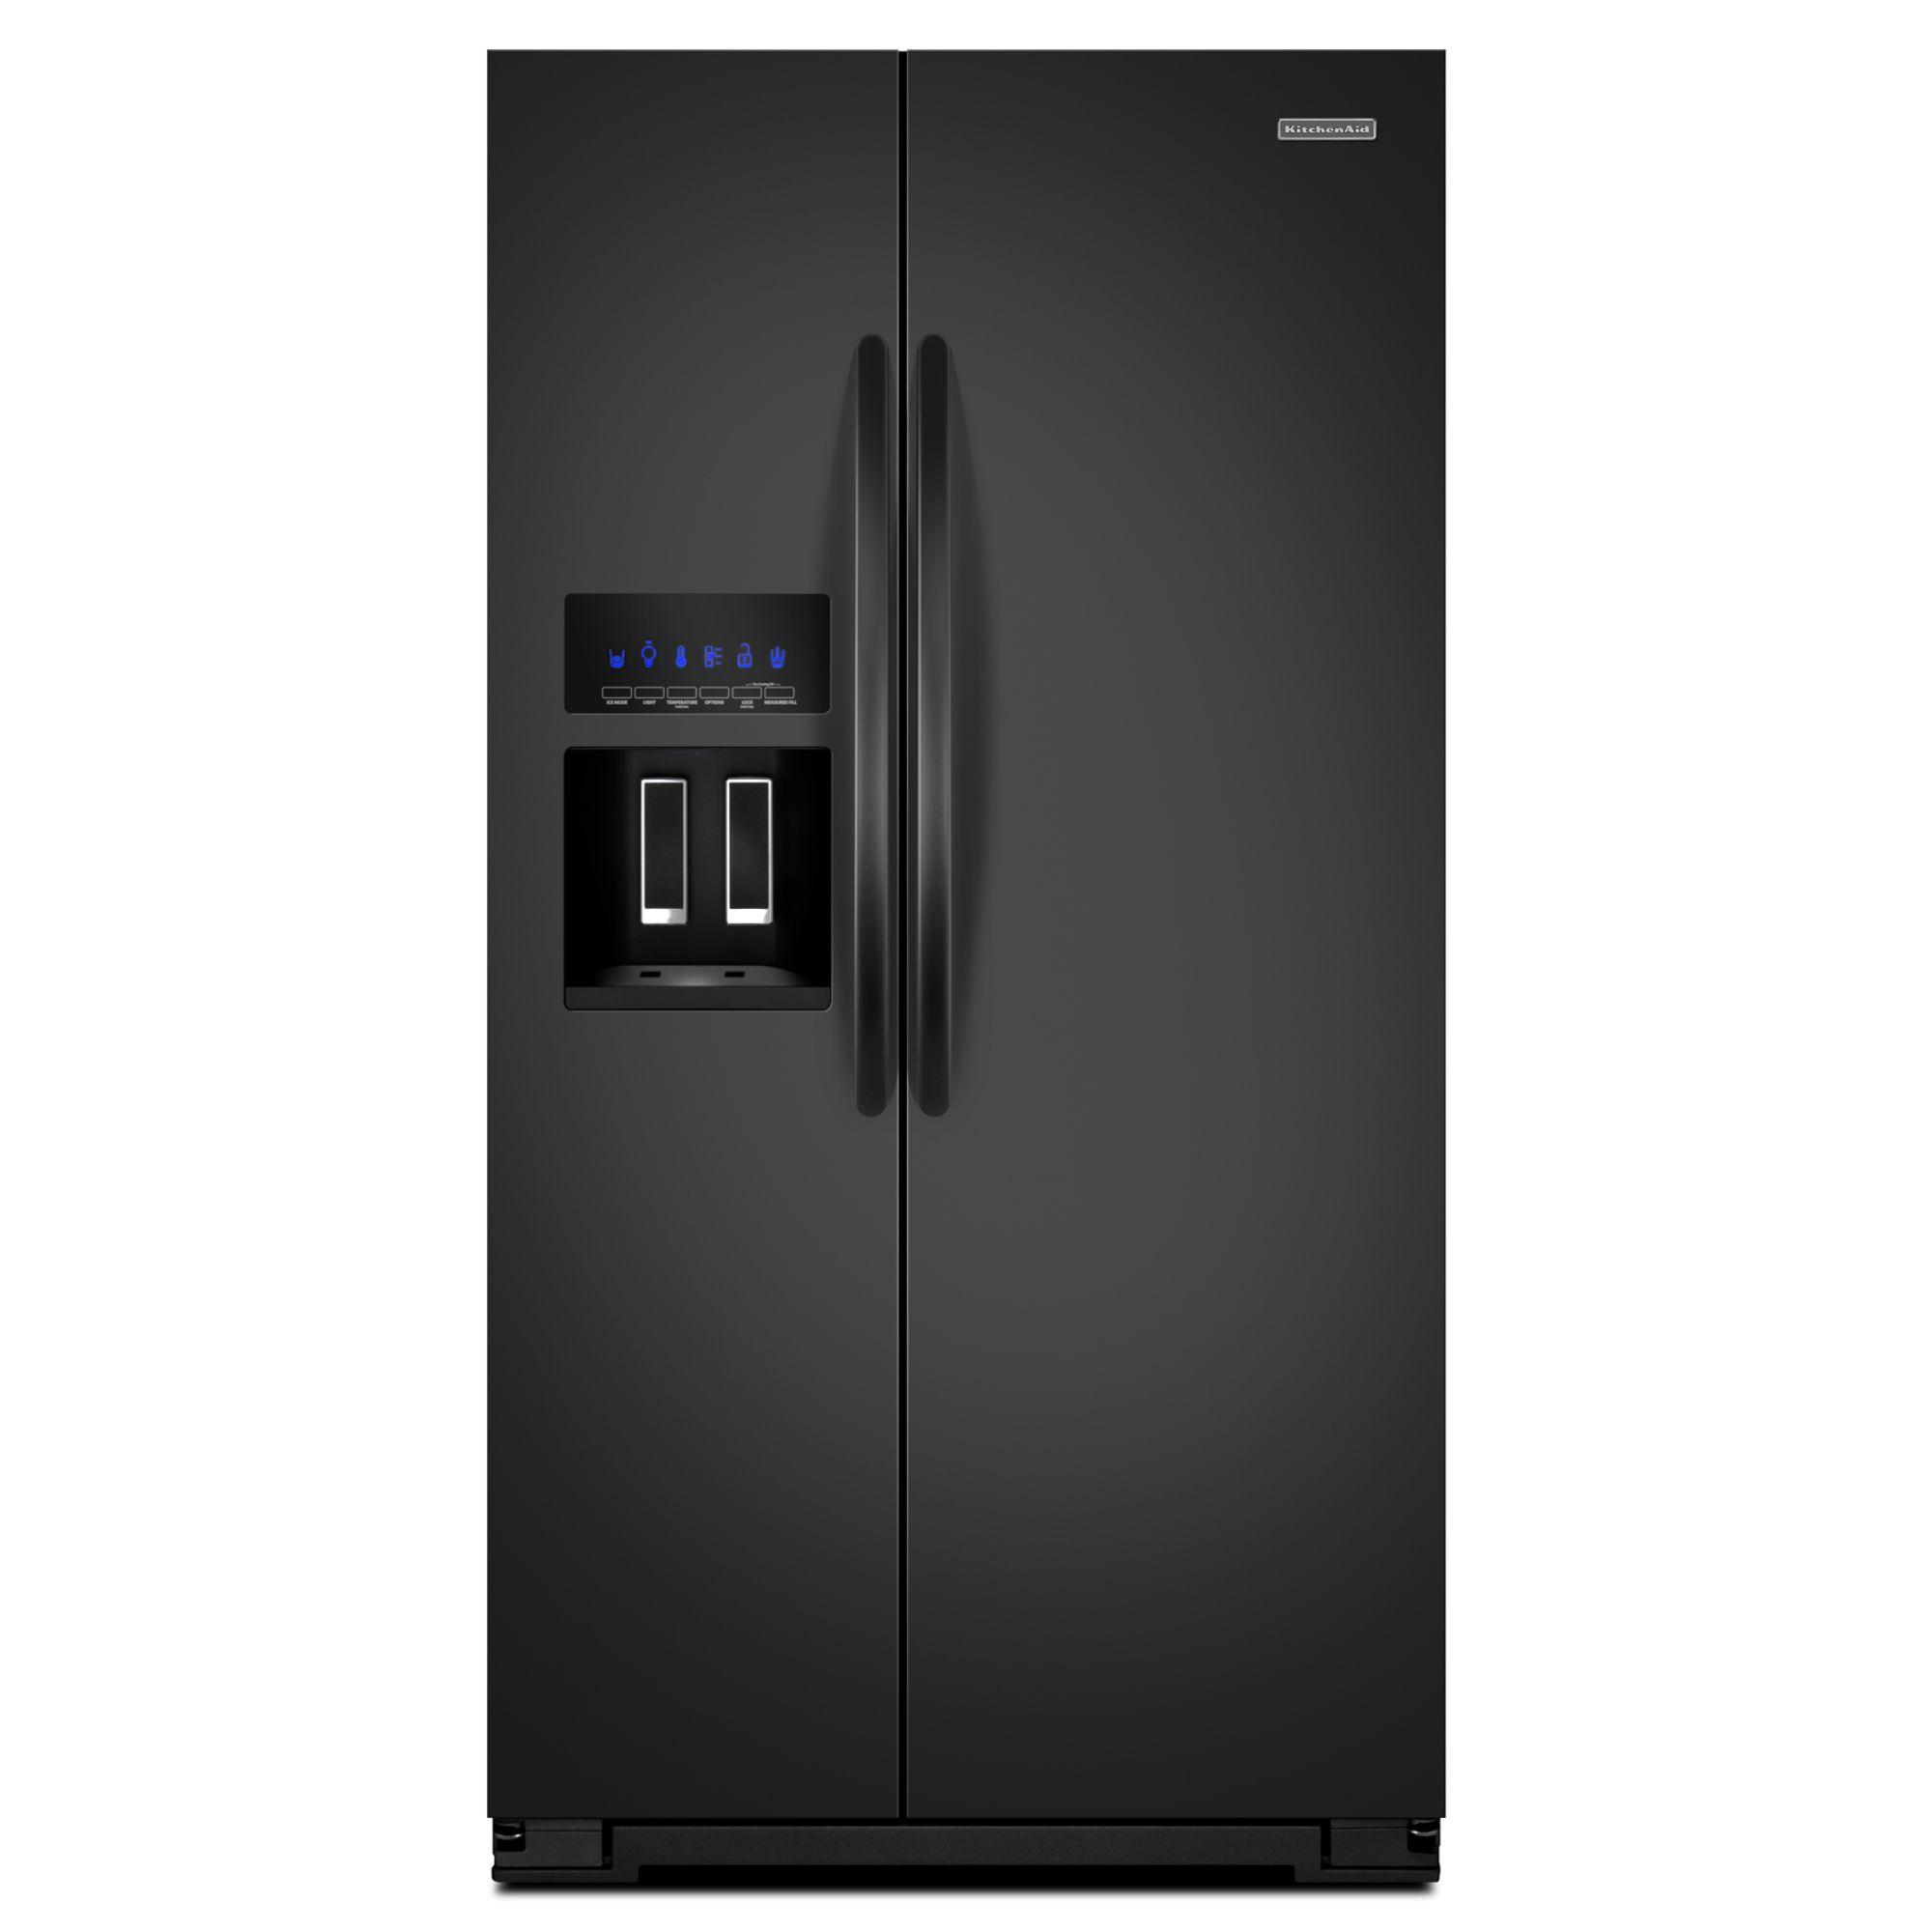 KitchenAid 26.4 cu. ft. Side-by-Side Refrigerator w/ Flush Dispenser Design - Black